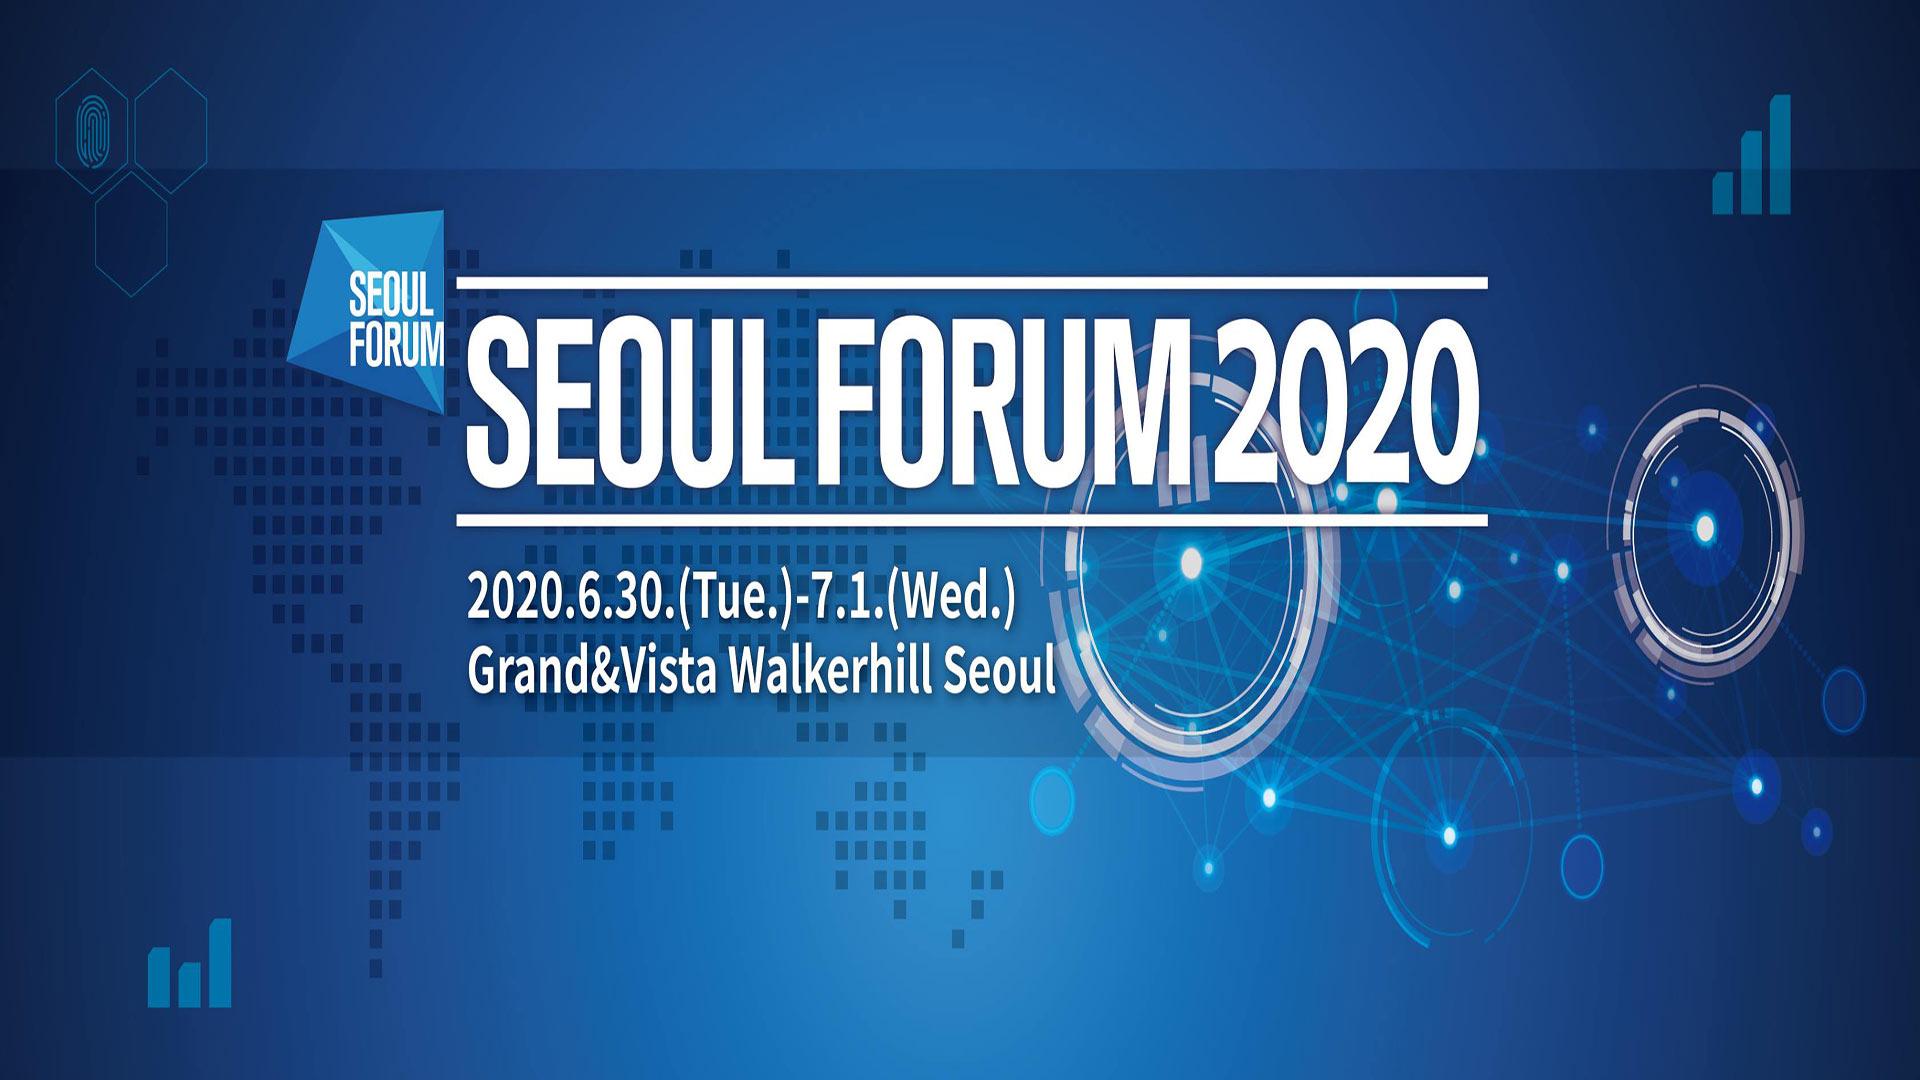 [서울포럼2020] 네이선 울프 기조강연 - 포스트 코로나 세계의 팬데믹 회복력